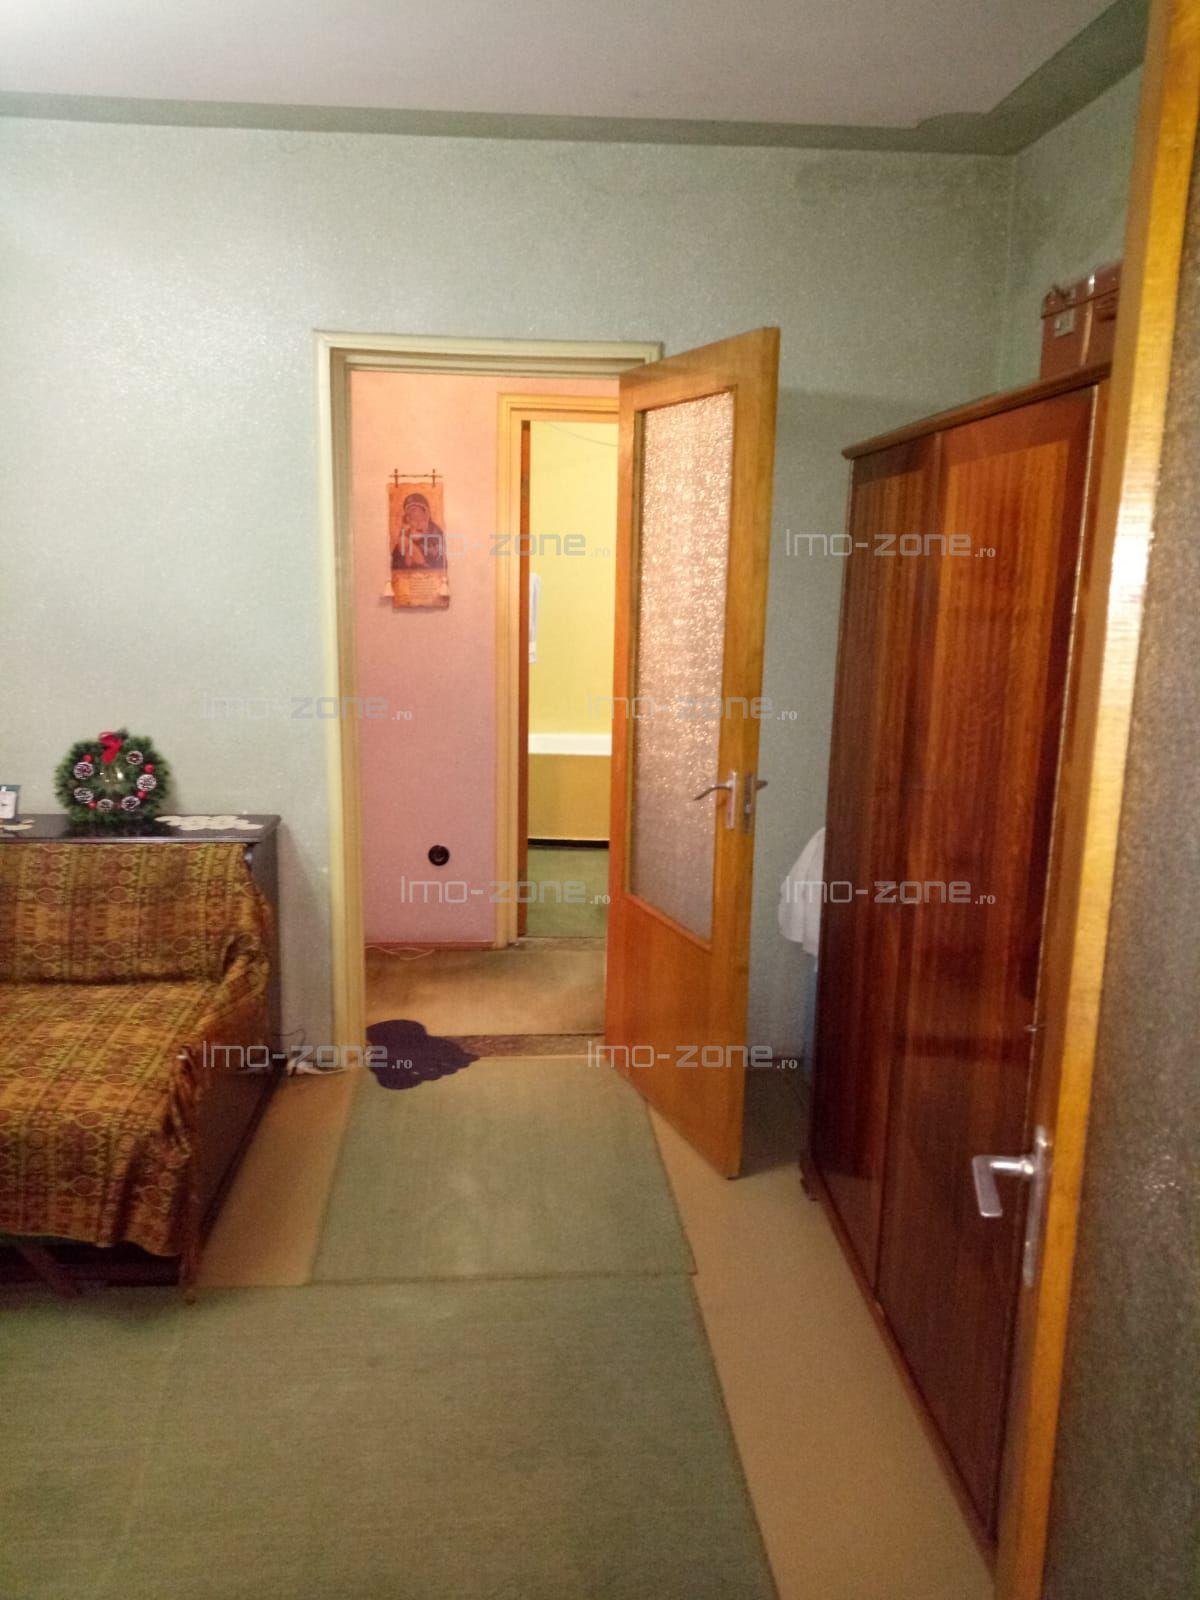 Apartament cu 2 camere  Drumul Taberei Materna